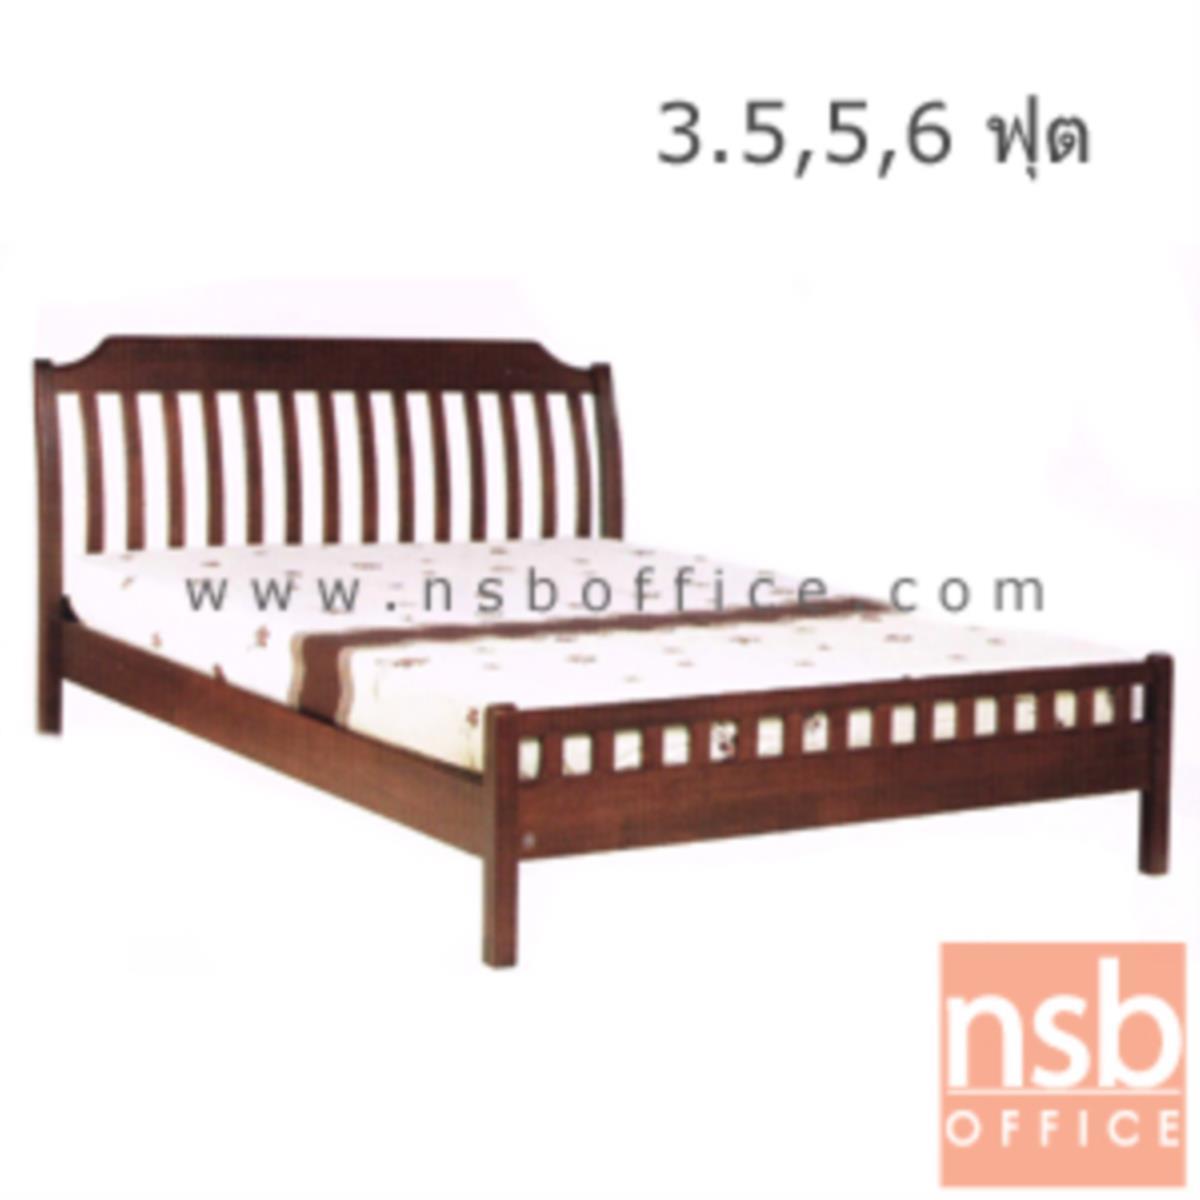 G11A095:เตียงไม้ยางพาราล้วน 3.5 , 5 และ 6 ฟุต หัวเตียงไม้ระแนงตั้ง รุ่น HAMONY-FU